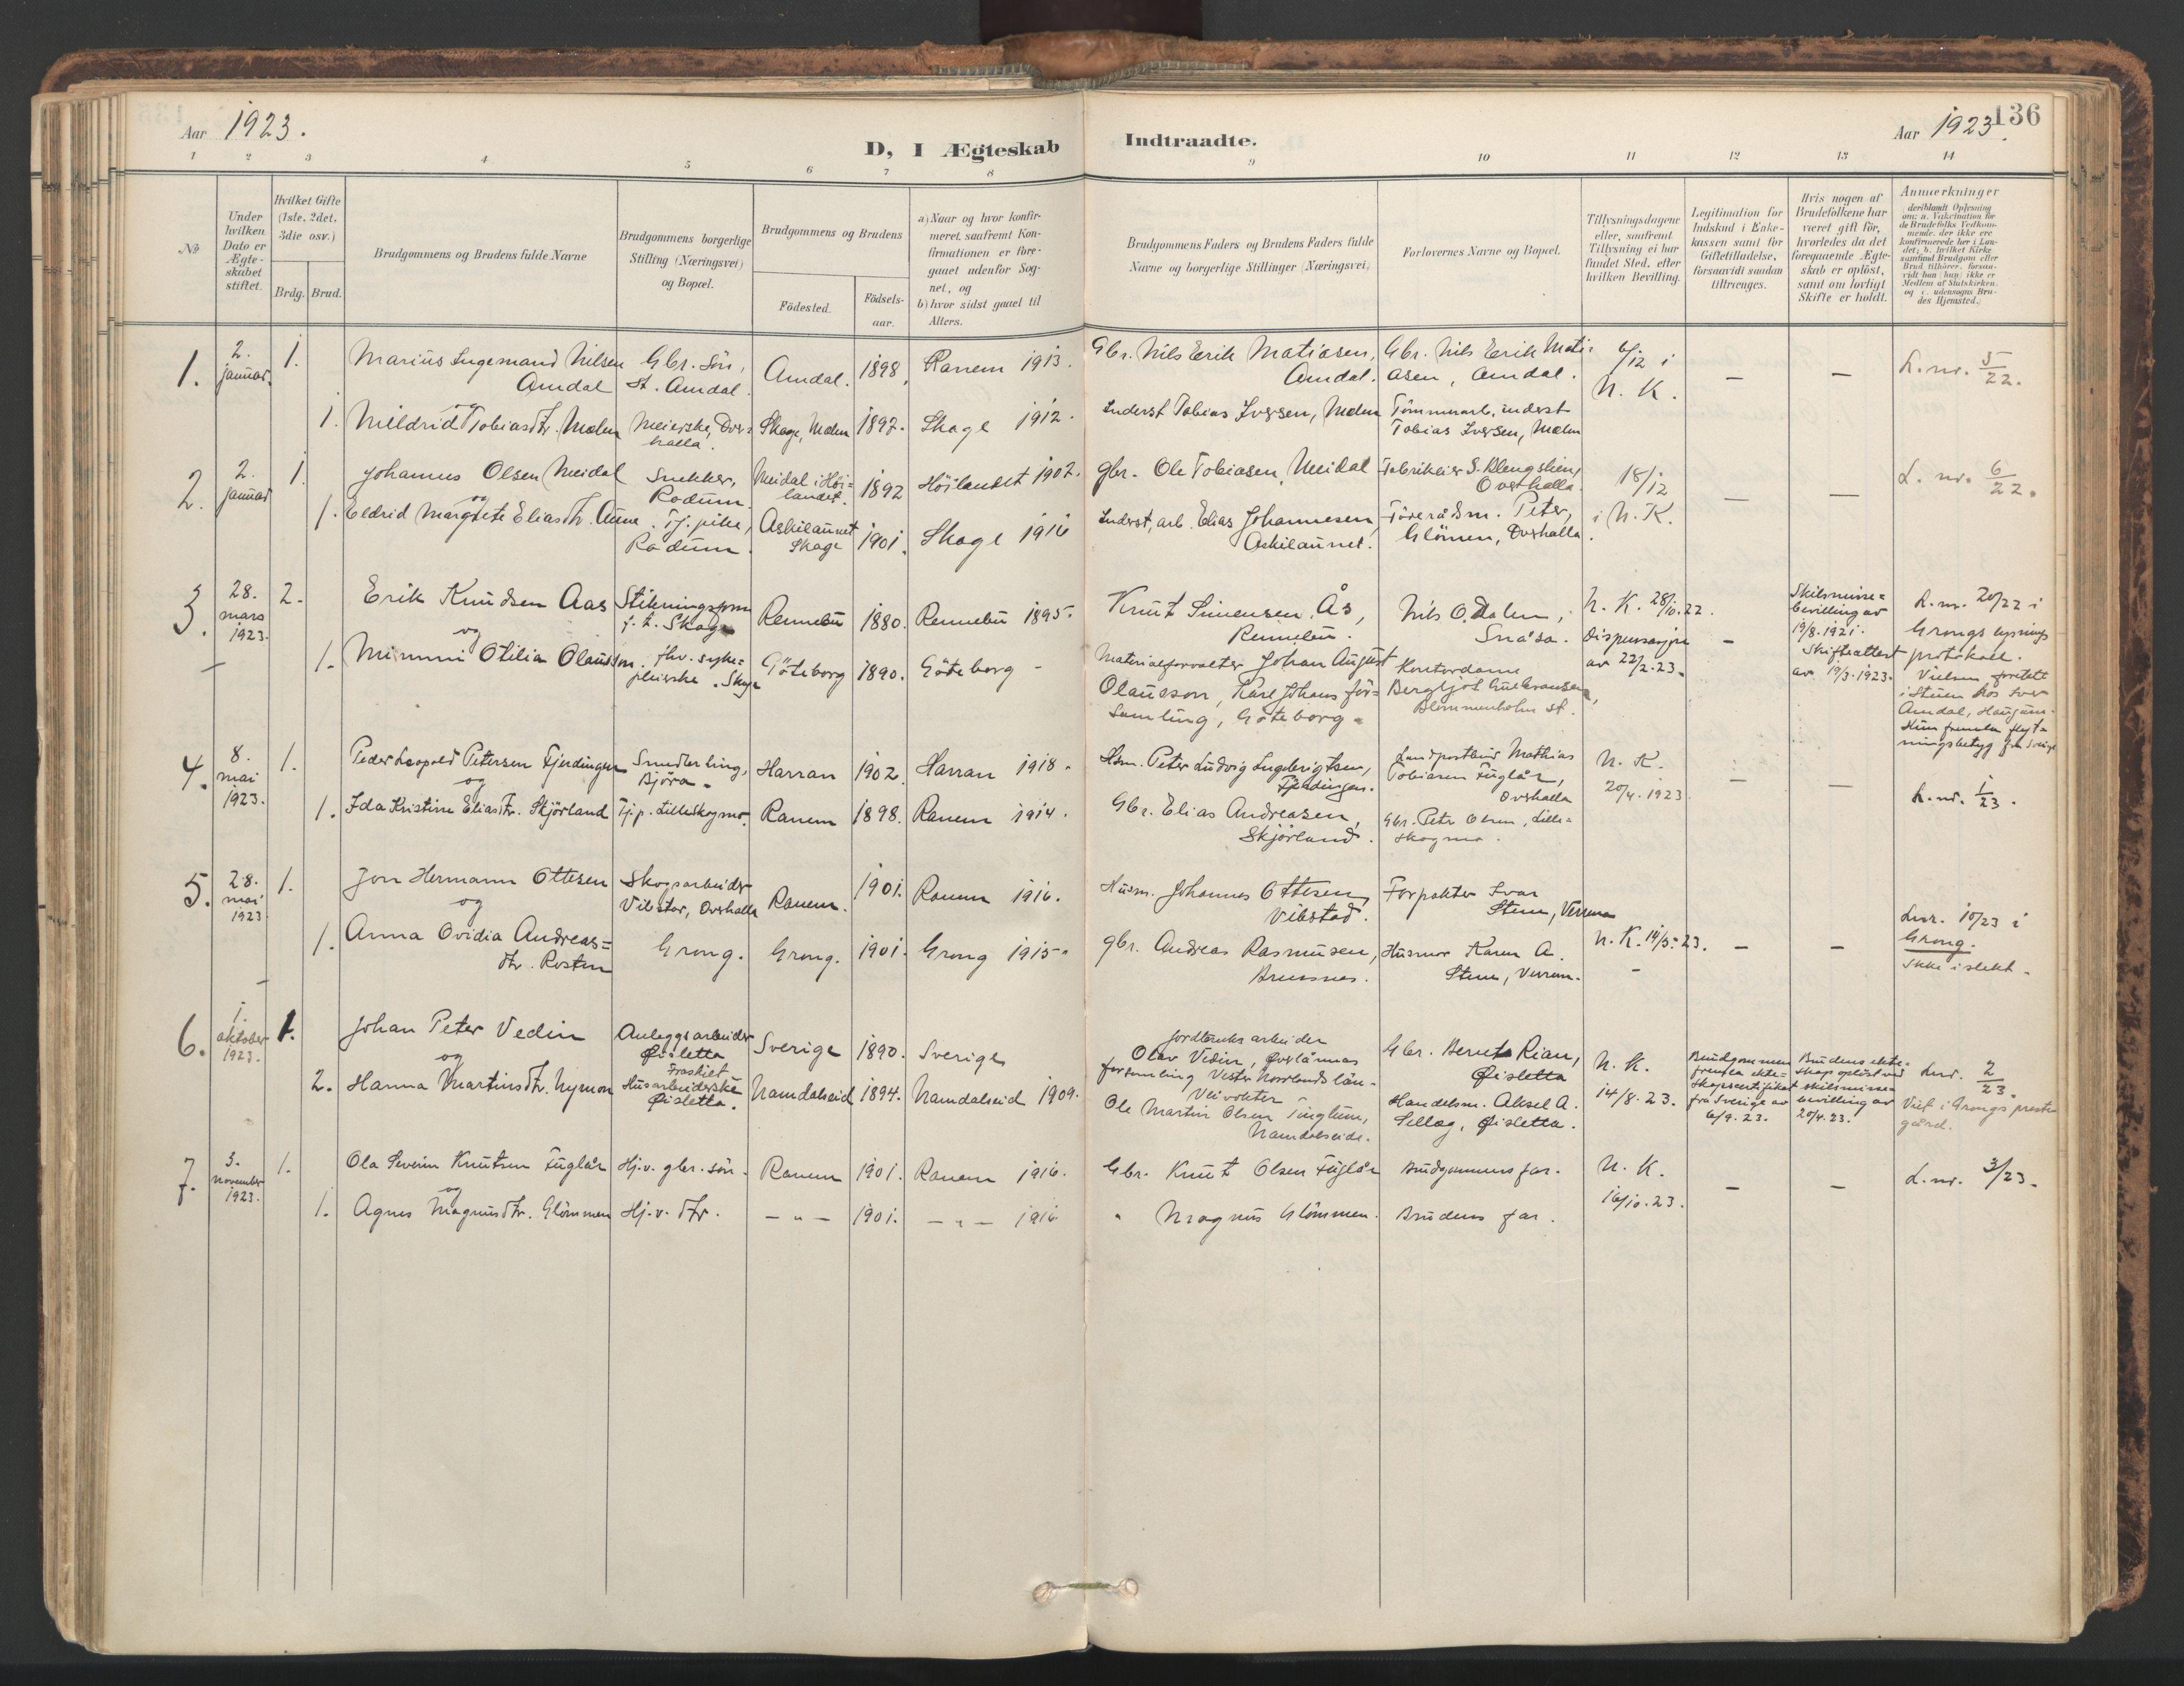 SAT, Ministerialprotokoller, klokkerbøker og fødselsregistre - Nord-Trøndelag, 764/L0556: Ministerialbok nr. 764A11, 1897-1924, s. 136